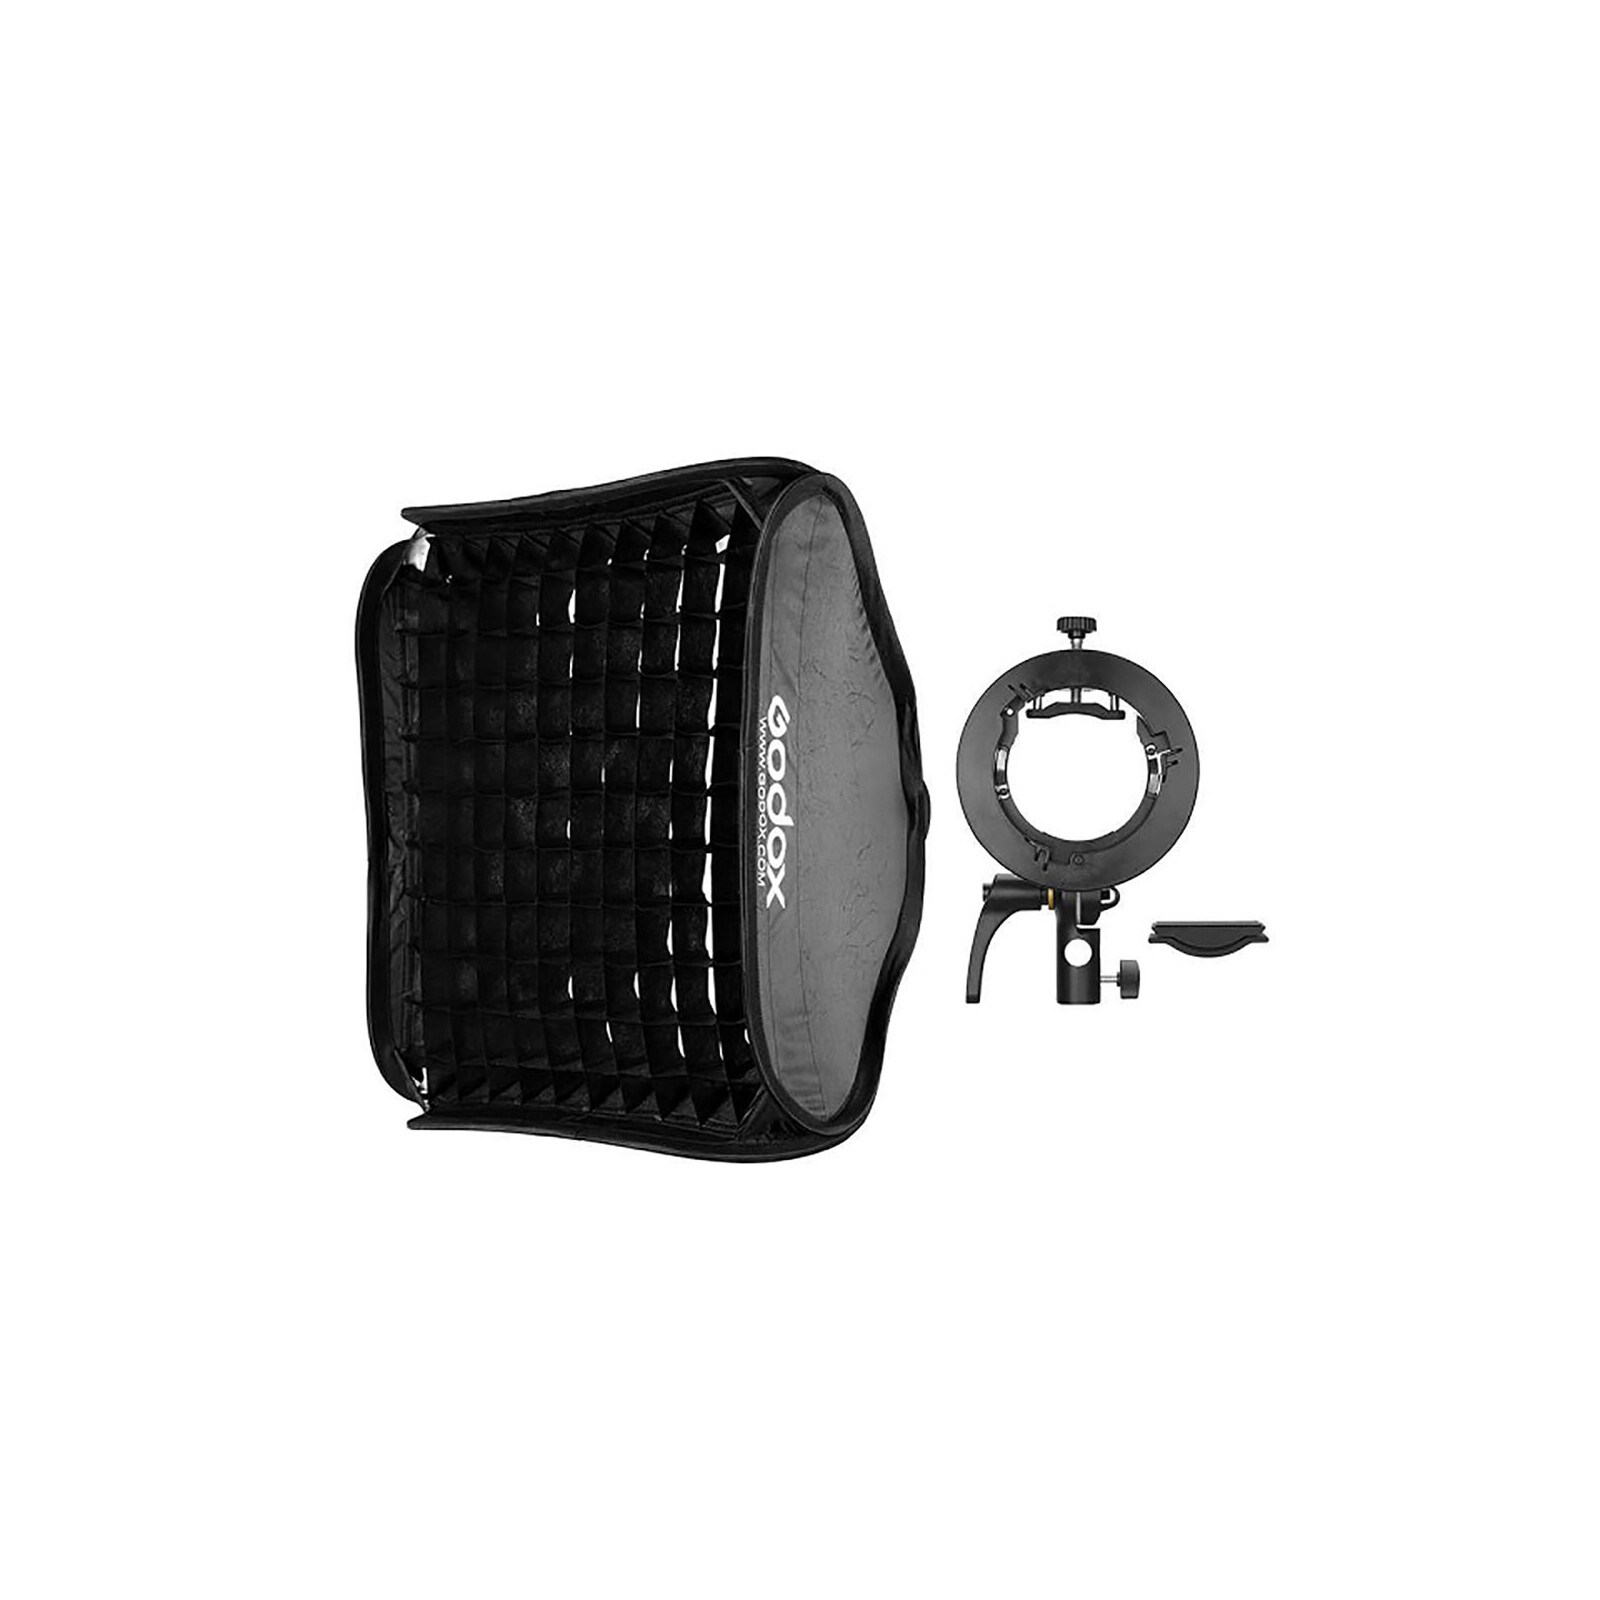 GODOX Grid Softbox 60x60 cm inkl. S2 Bracket & Tasche